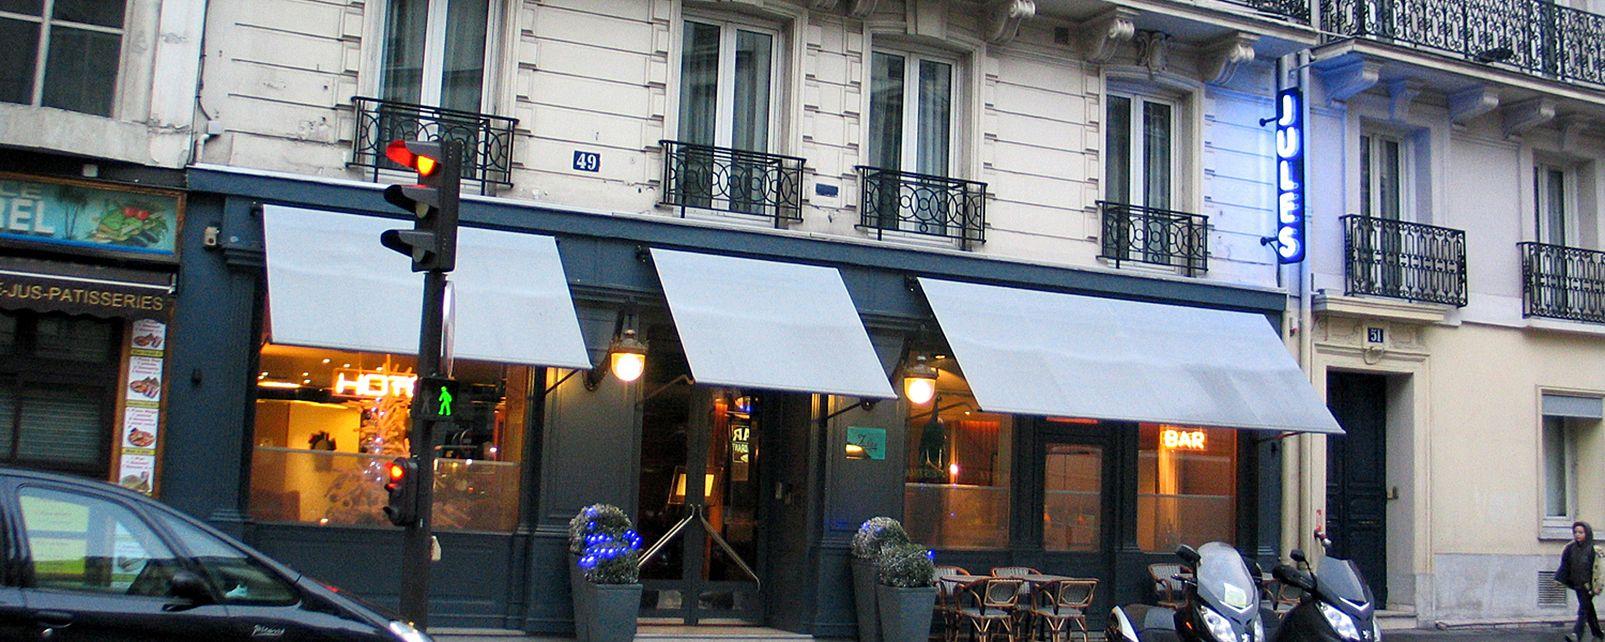 Hotel Best Western Premier Op U00e9ra Faubourg In Paris